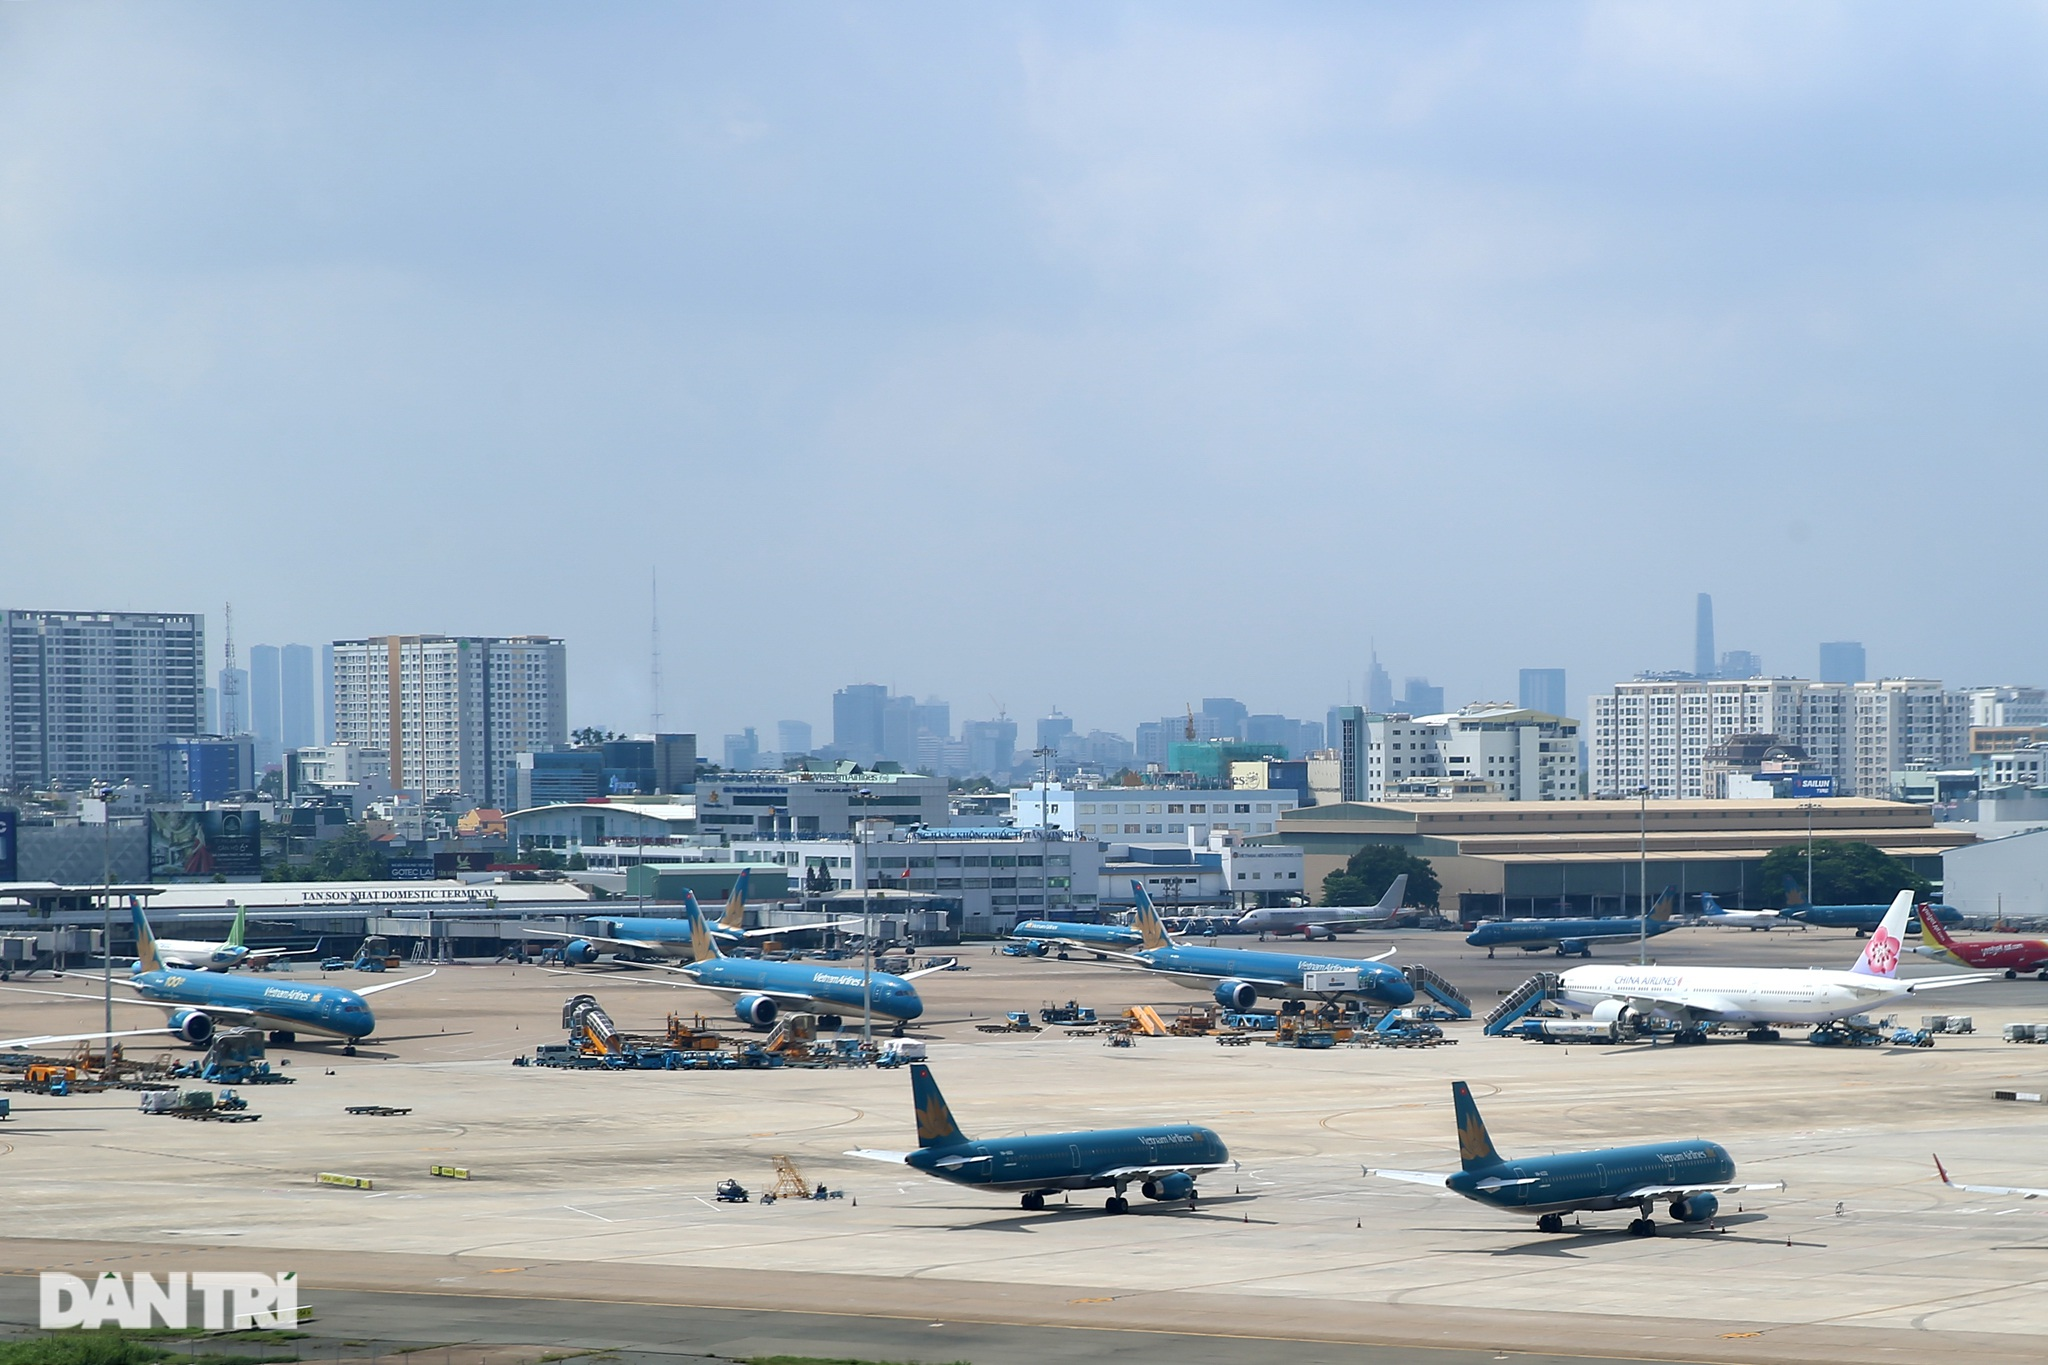 Ám ảnh hàng trăm tàu bay đắp chiếu nằm la liệt tại Nội Bài, Tân Sơn Nhất - 17